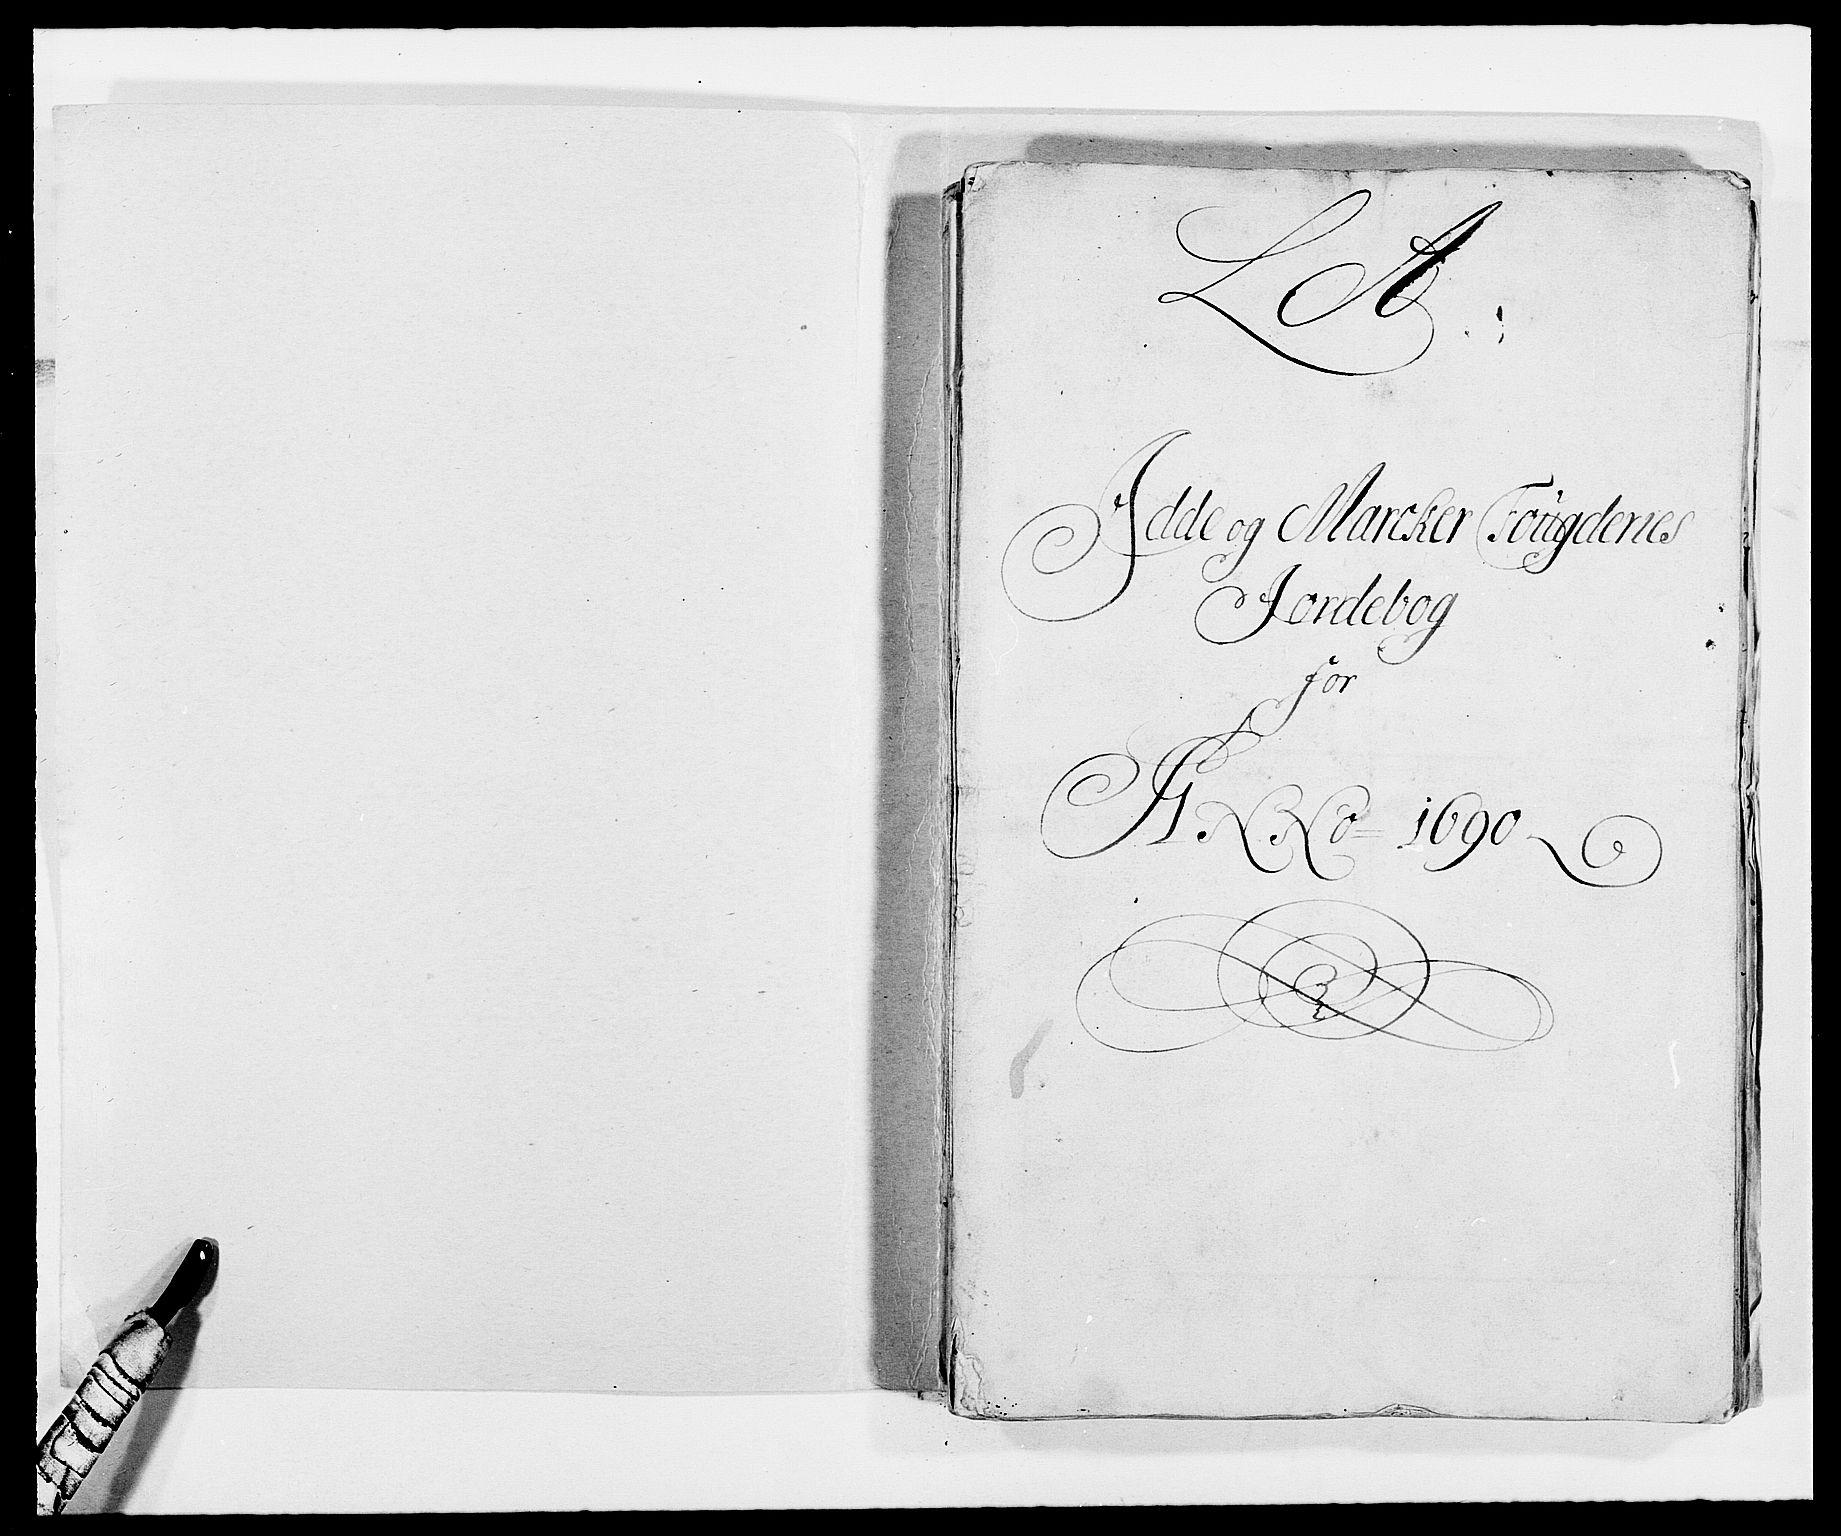 RA, Rentekammeret inntil 1814, Reviderte regnskaper, Fogderegnskap, R01/L0010: Fogderegnskap Idd og Marker, 1690-1691, p. 167